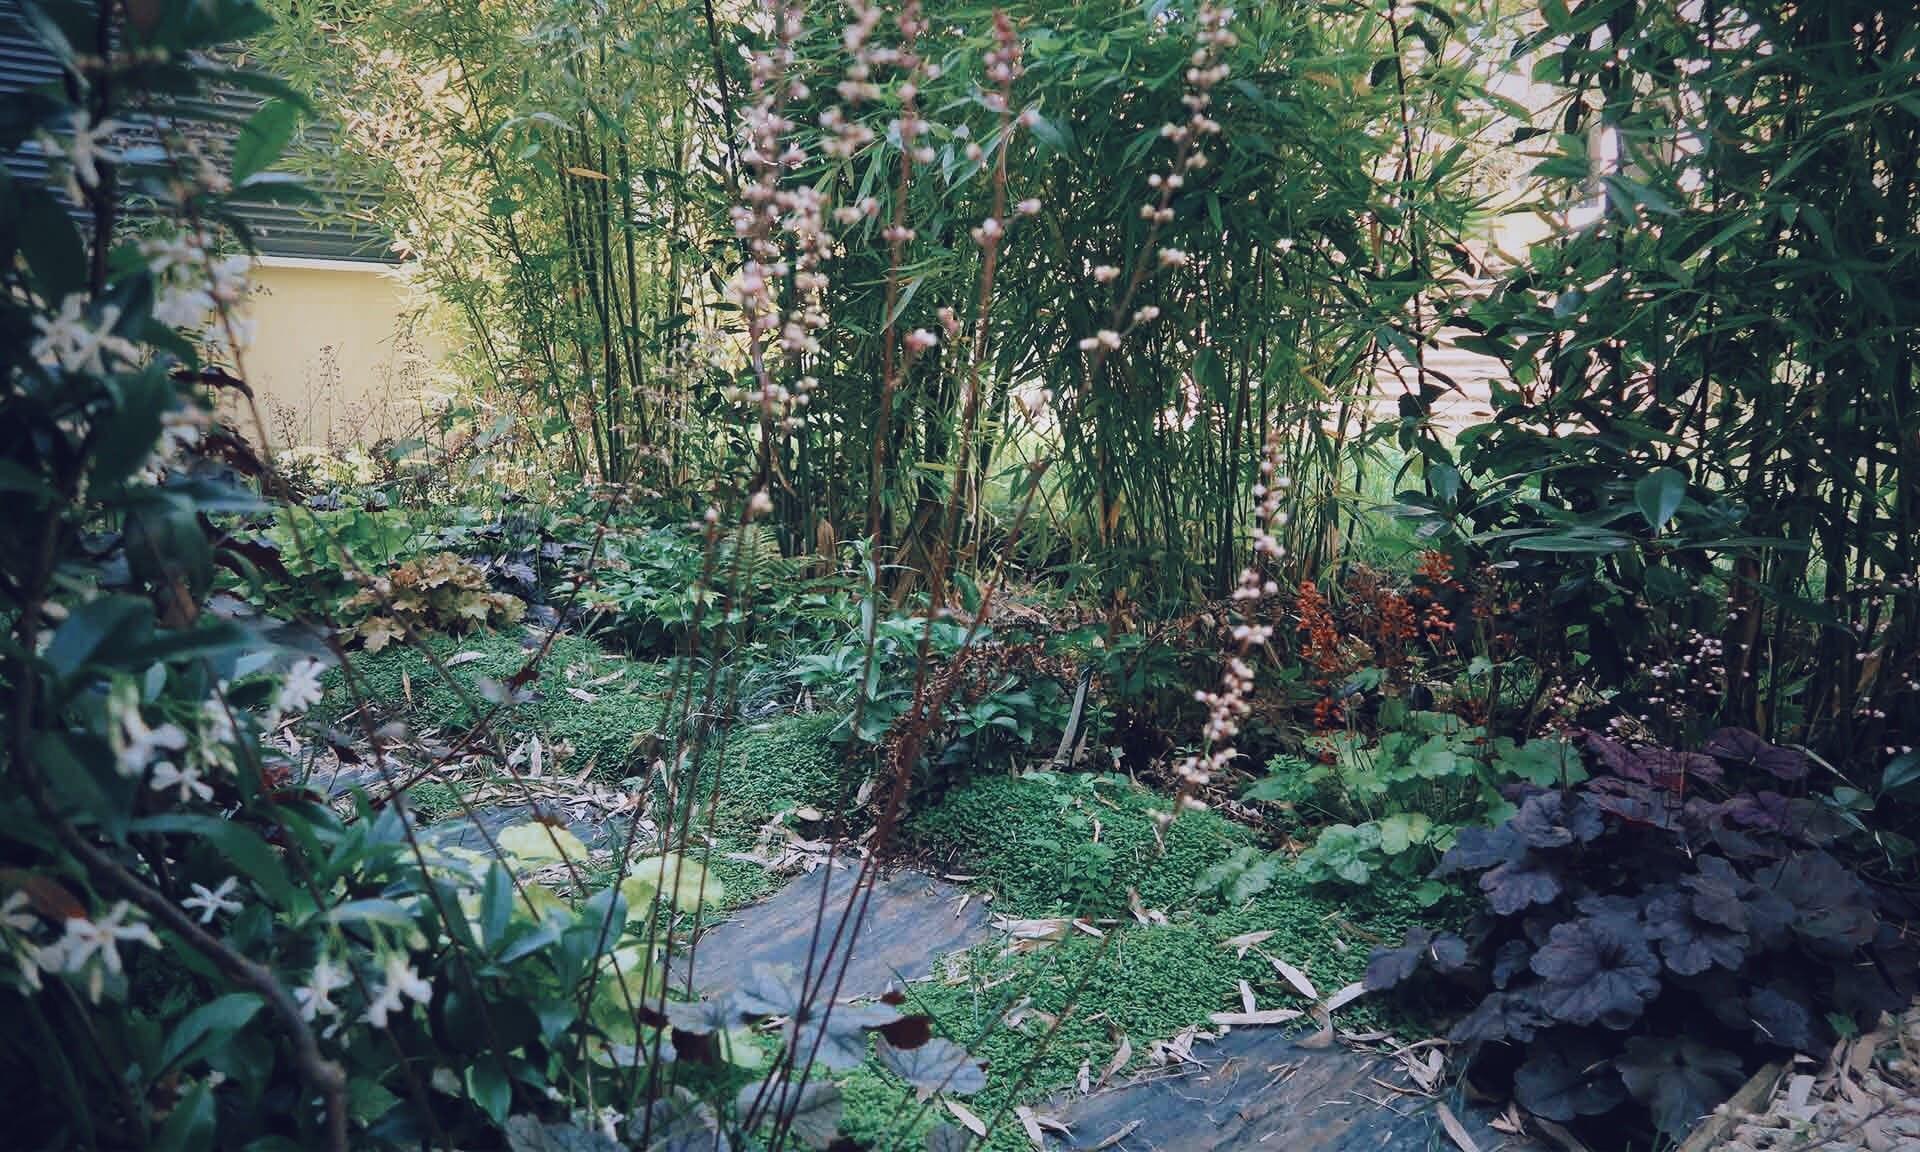 02_Nordscape_accueil_jardin-vivaces-chemin-ardoise-2